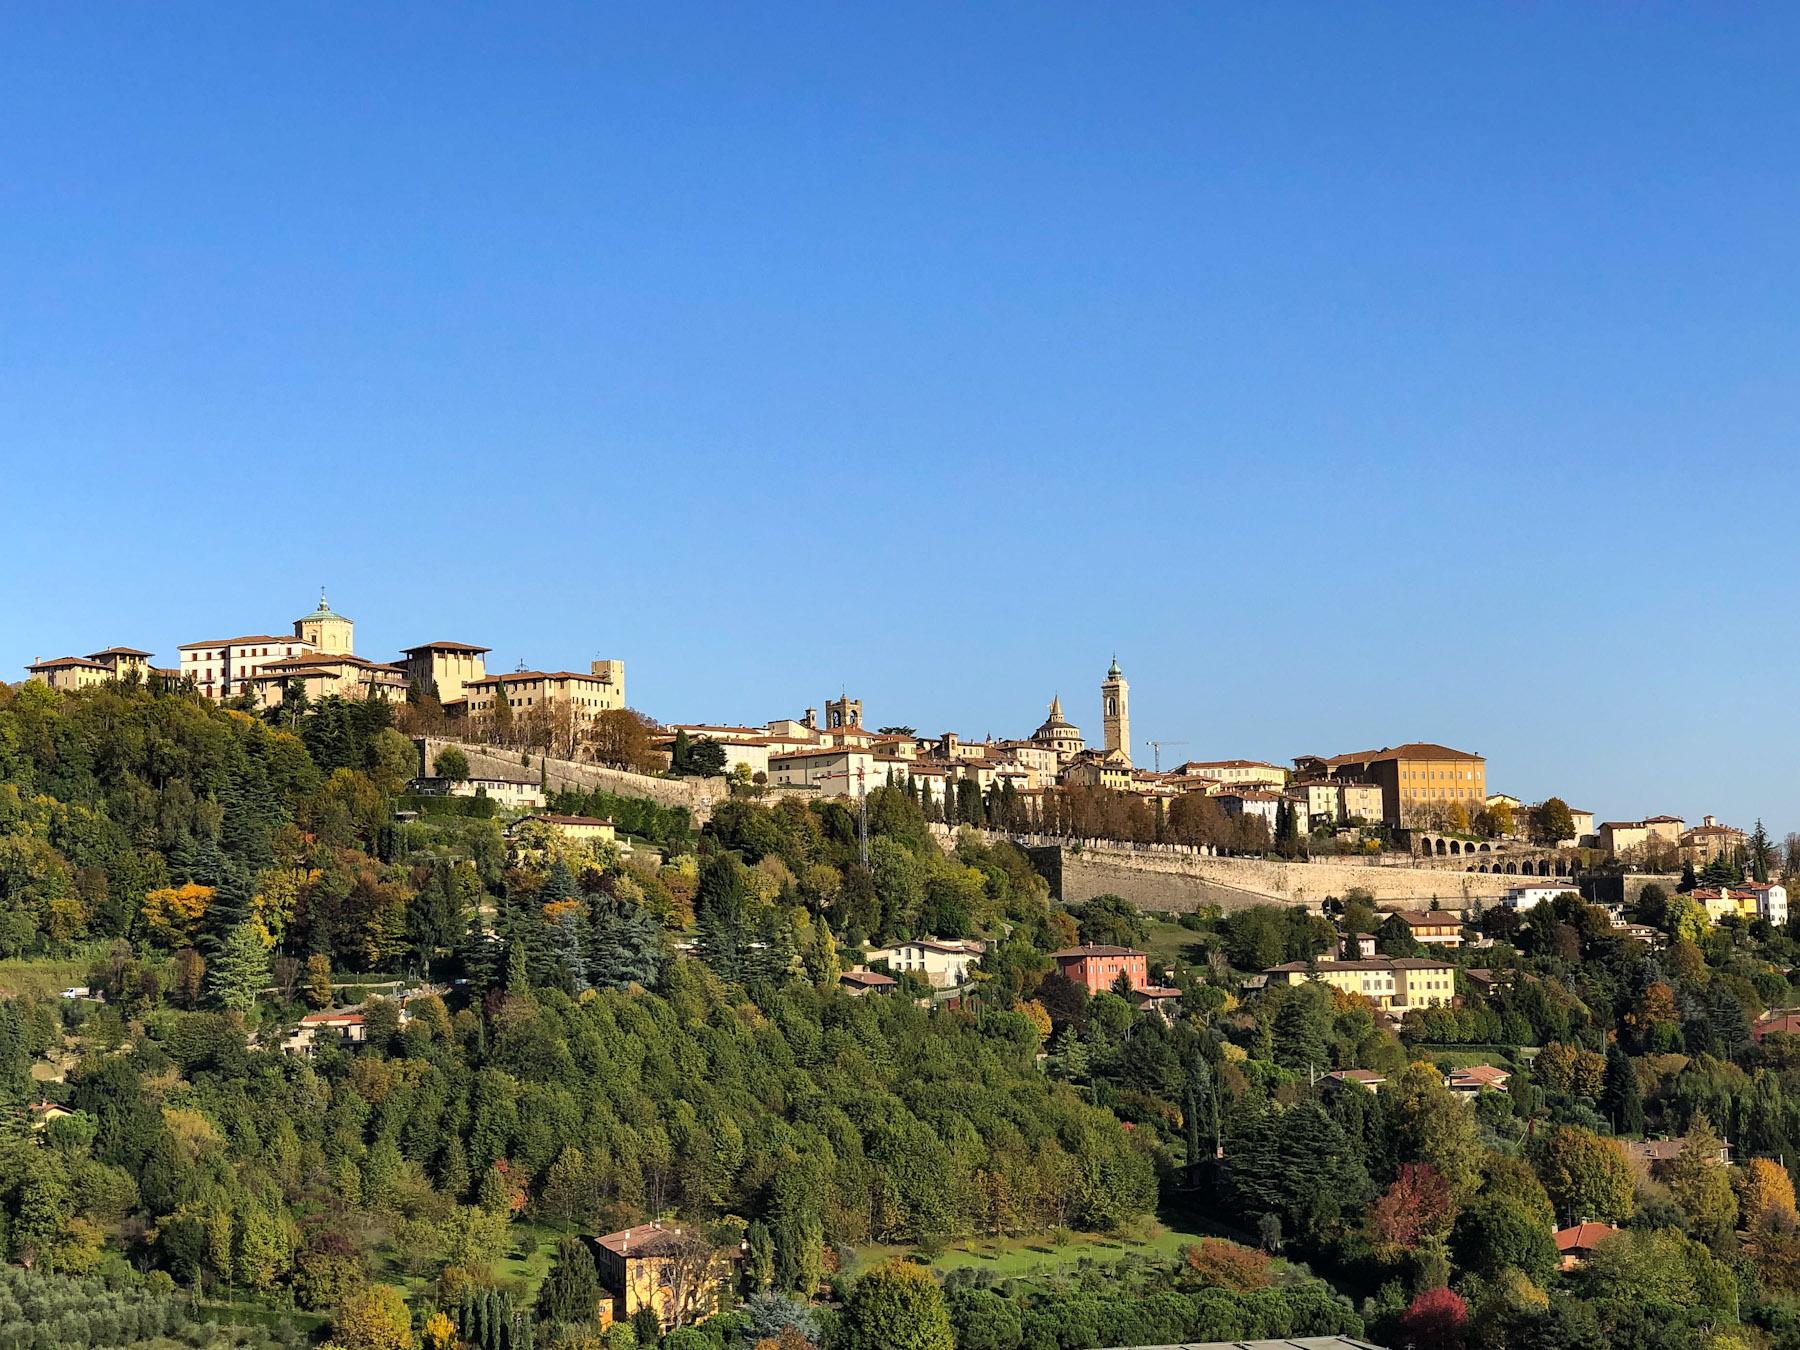 View of Citta Alta from Scaletta delle More, Bergamo, Italy